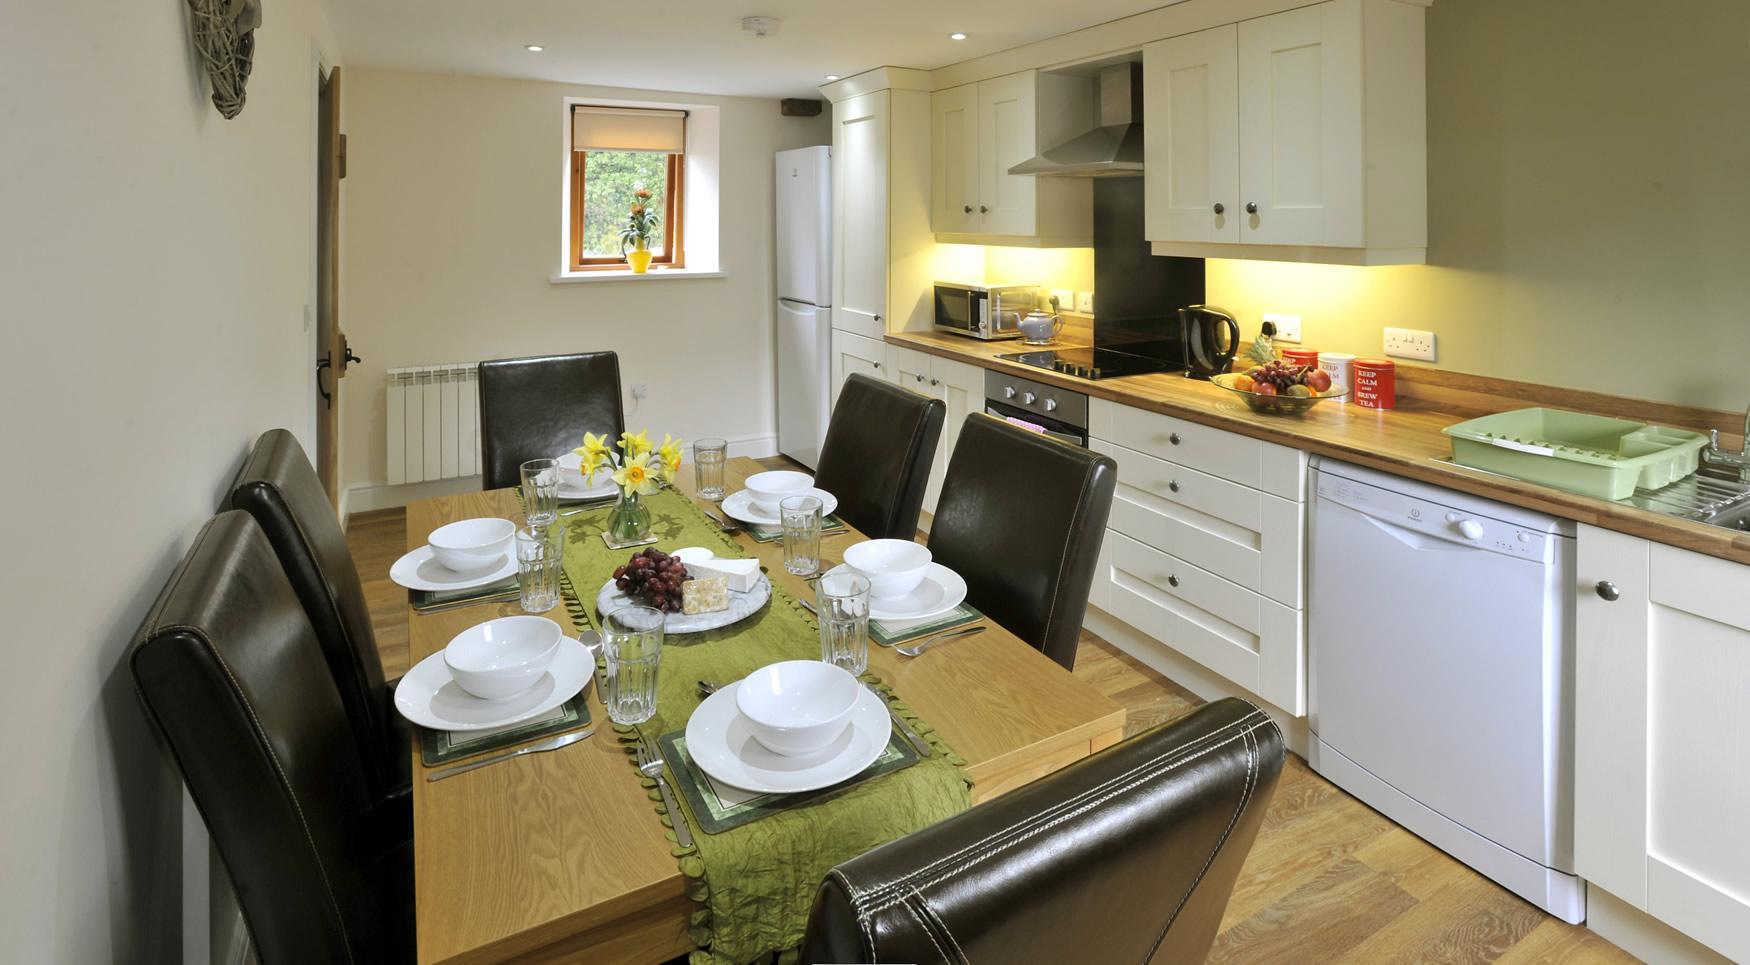 oldgrainstore-cottage-kitchen-dining